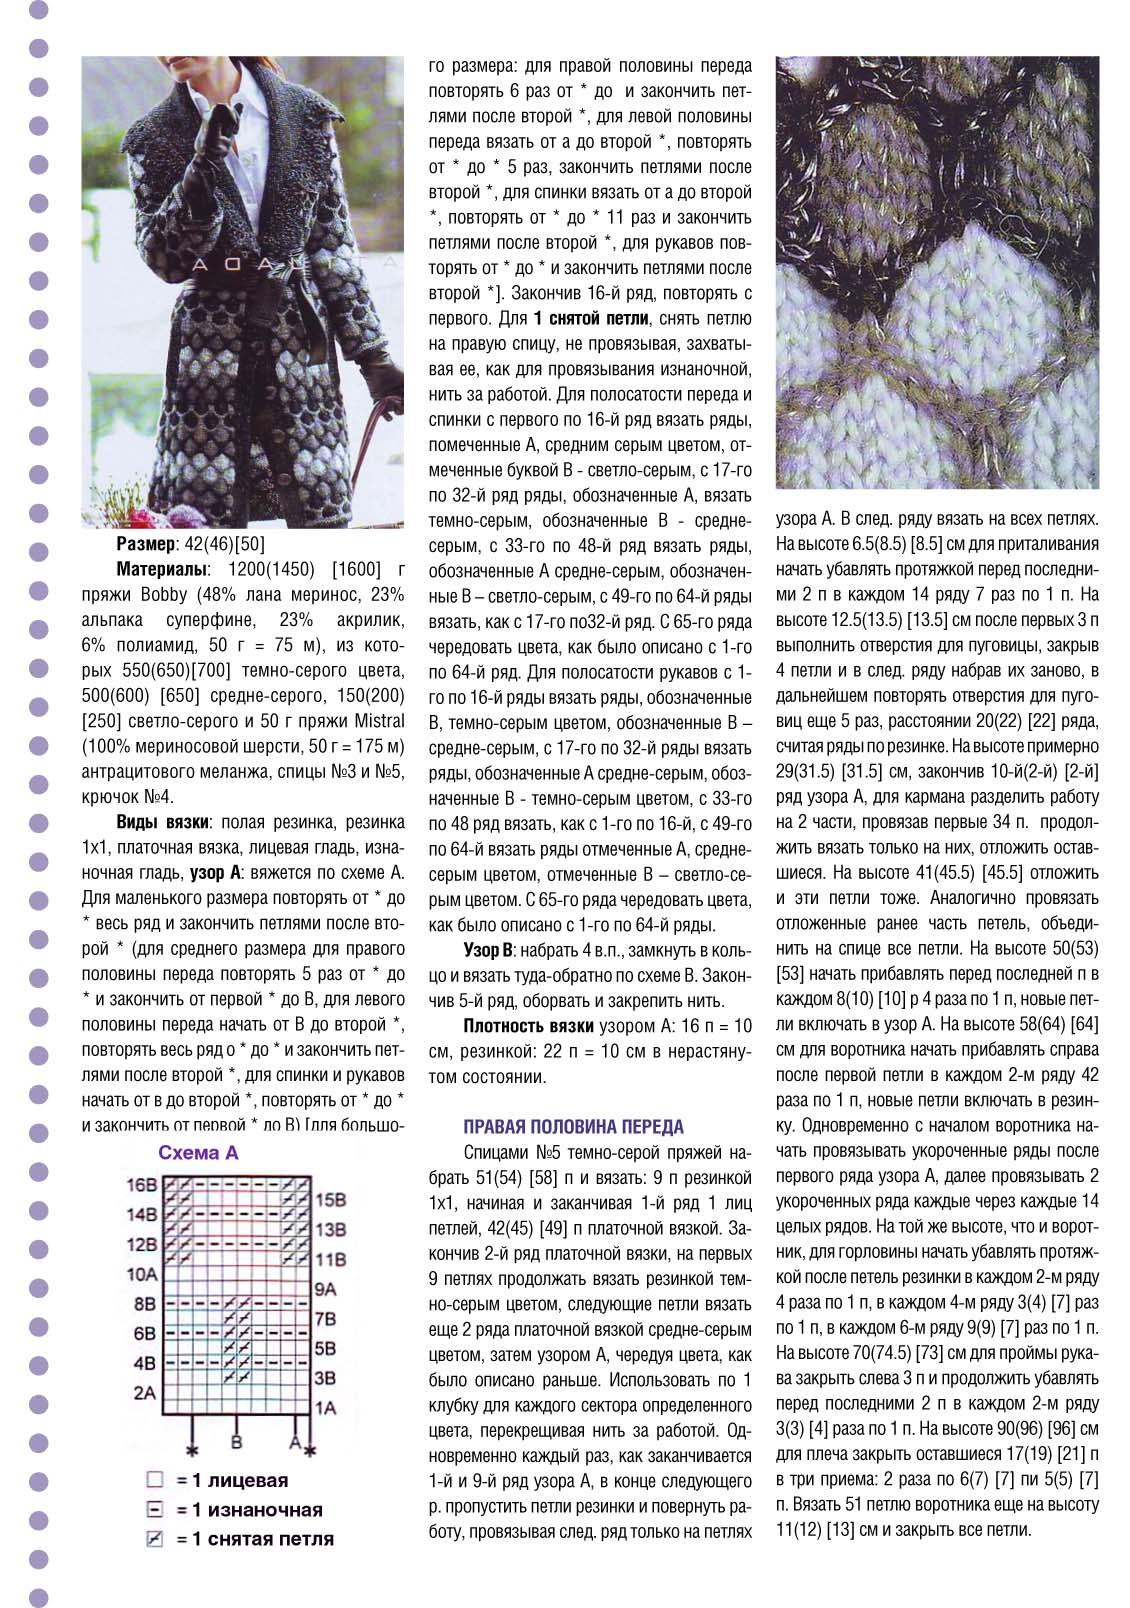 Описание вязания кардигана рисунок соты спицами 15